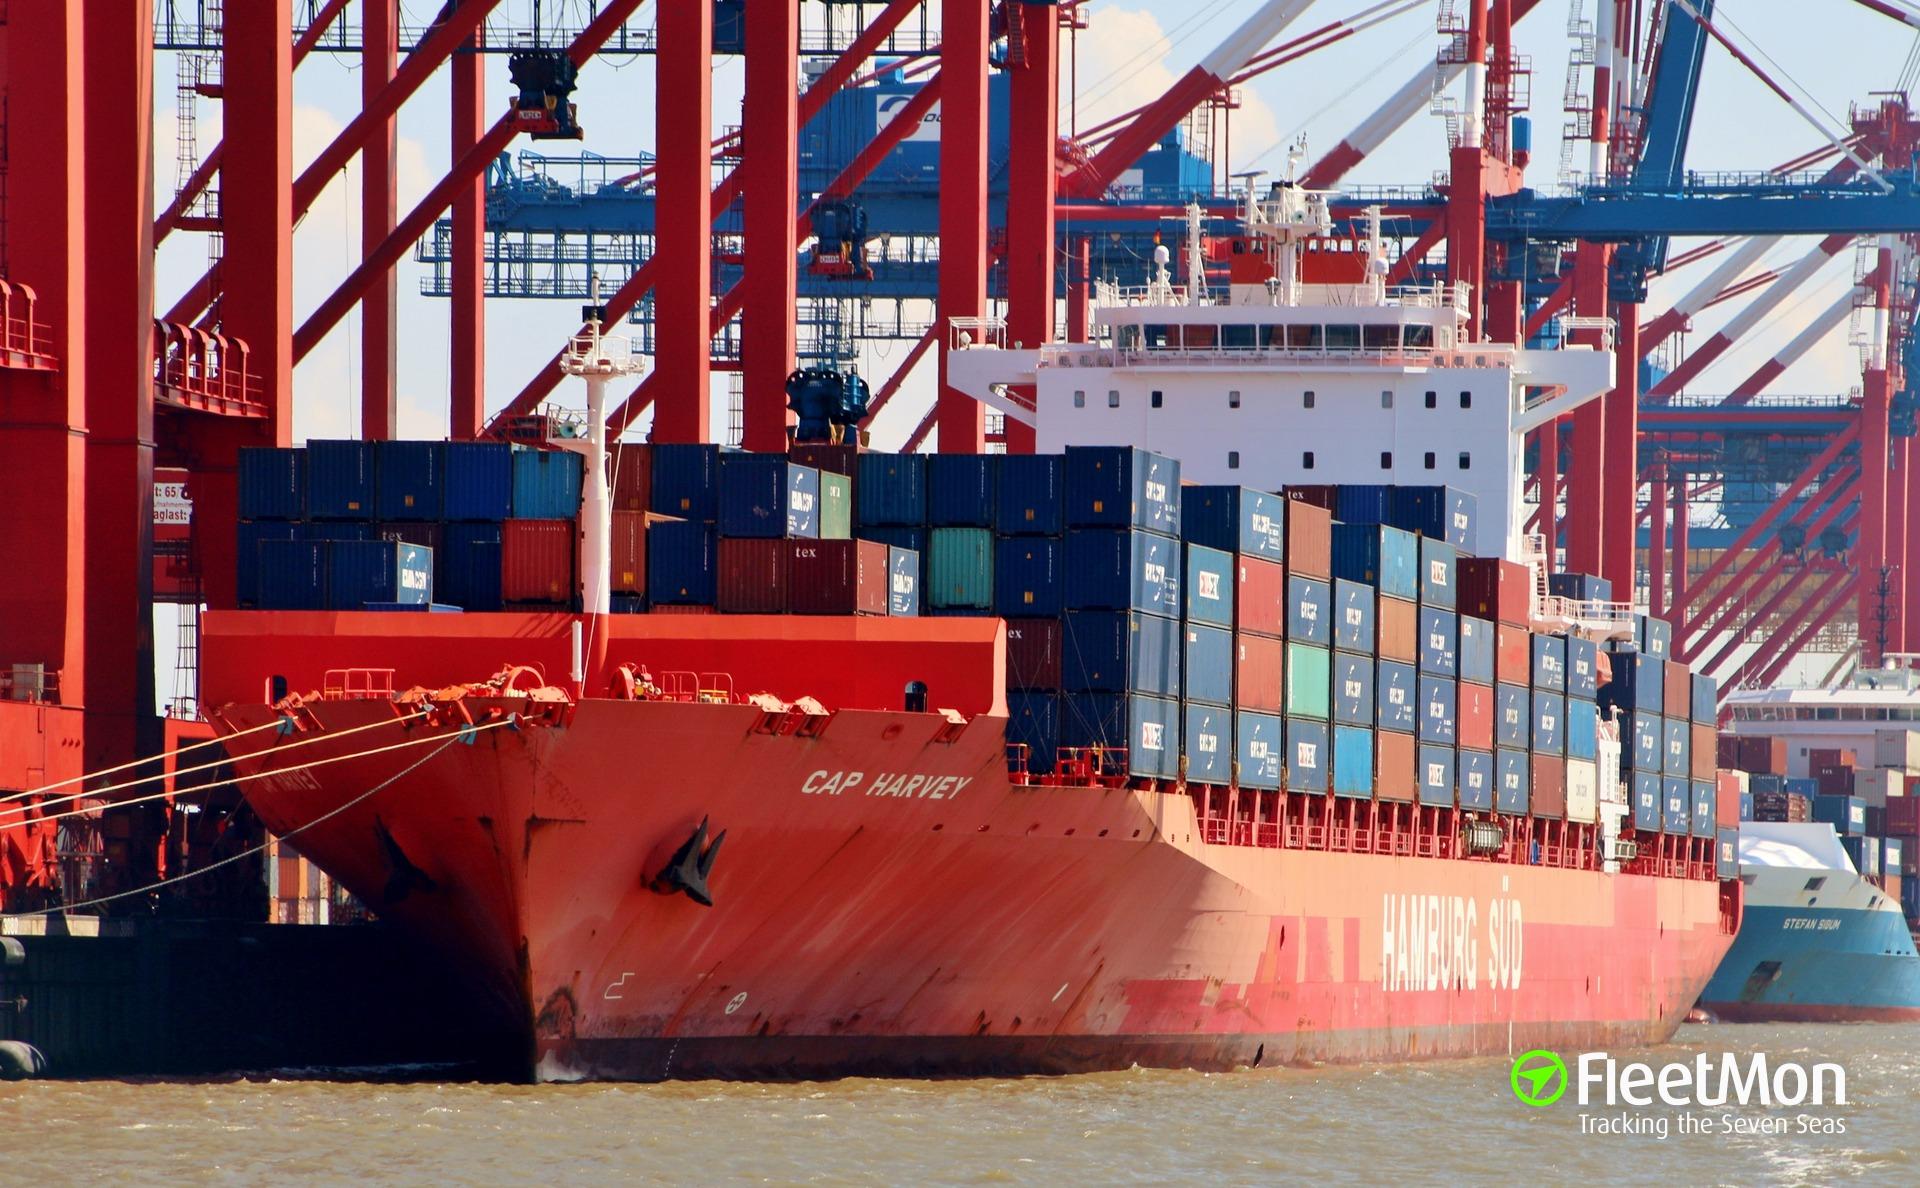 Boxship NYK Olypmus blackout, Elbe